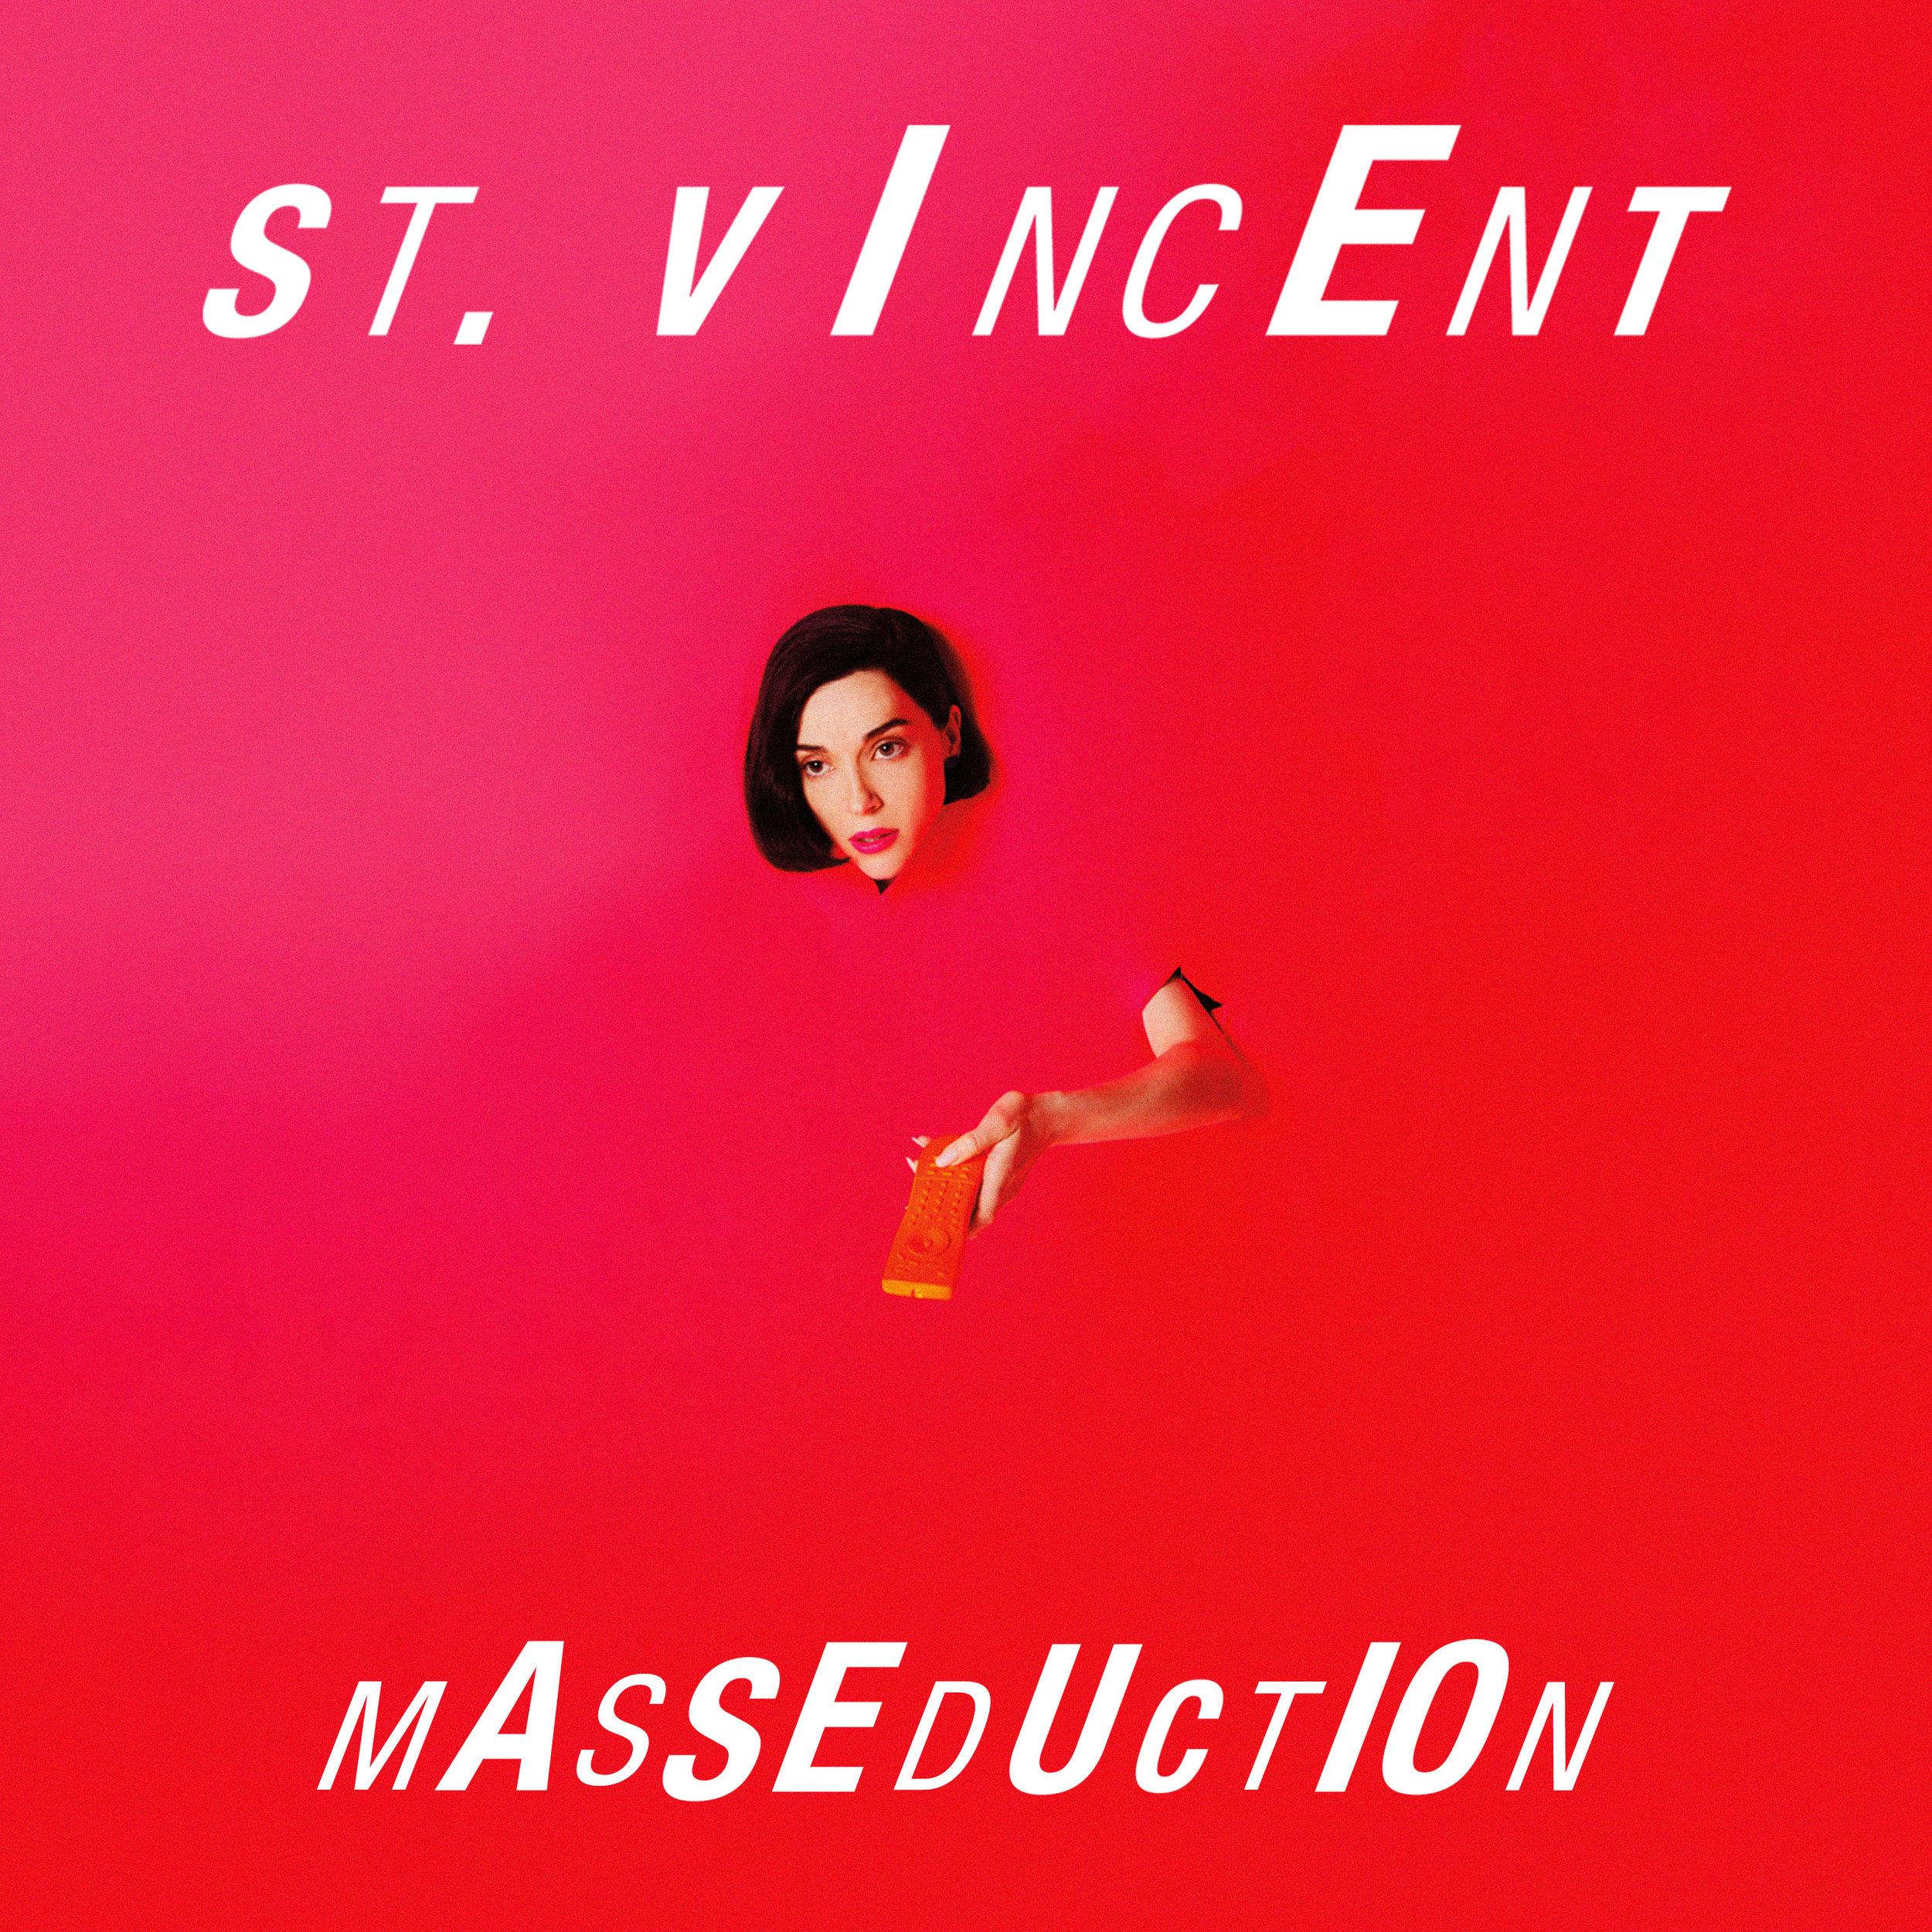 17. St. Vincent - MASSEDUCTION